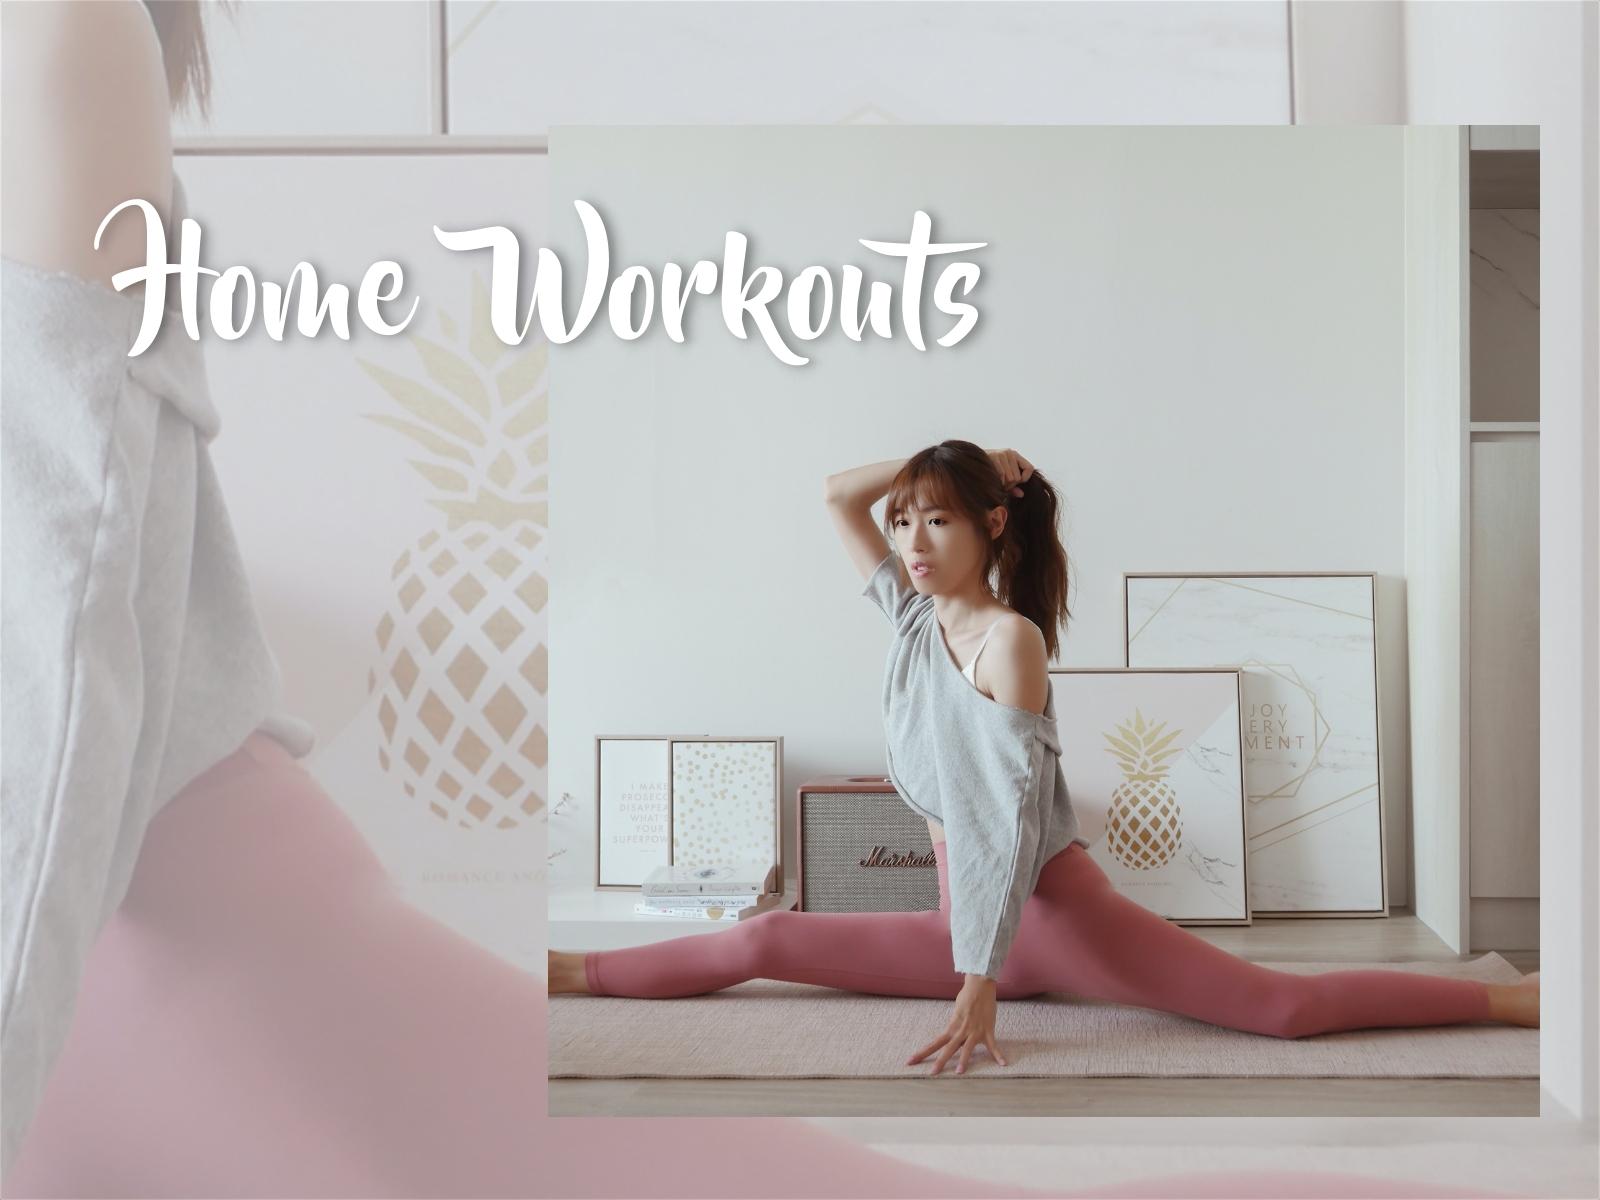 居家運動計畫 YouTube 頻道 好用 APP 推薦 健身、瘦身、瑜珈